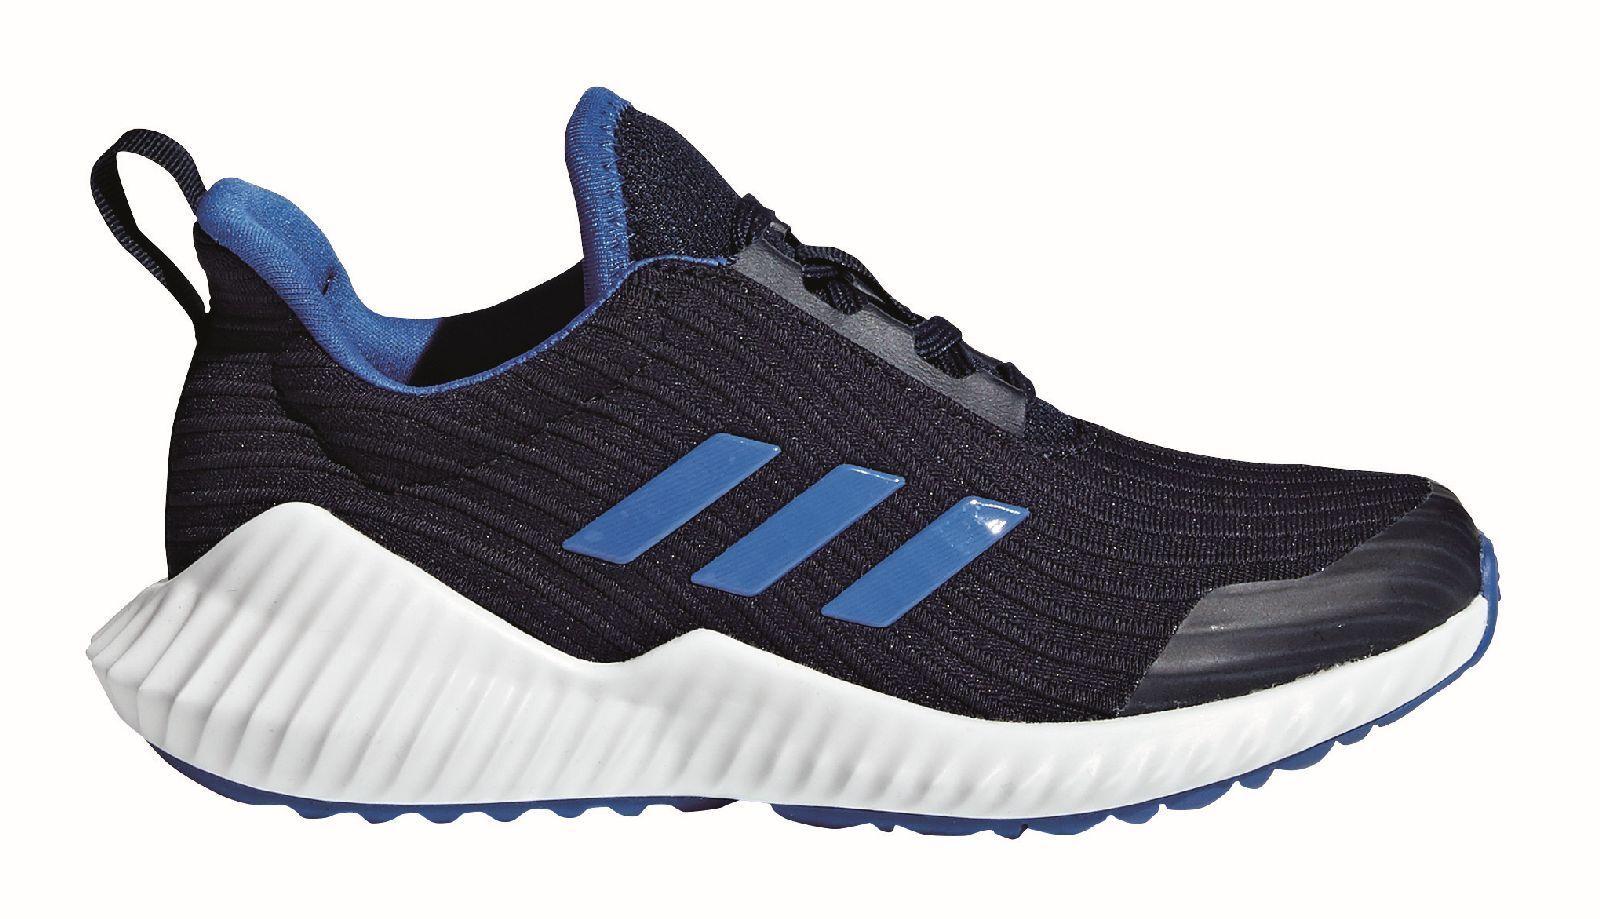 Adidas Performance Kinder Freizeit- Freizeit- Freizeit- Fitness- Laufschuh FortaRun K blau weiß fbacaf